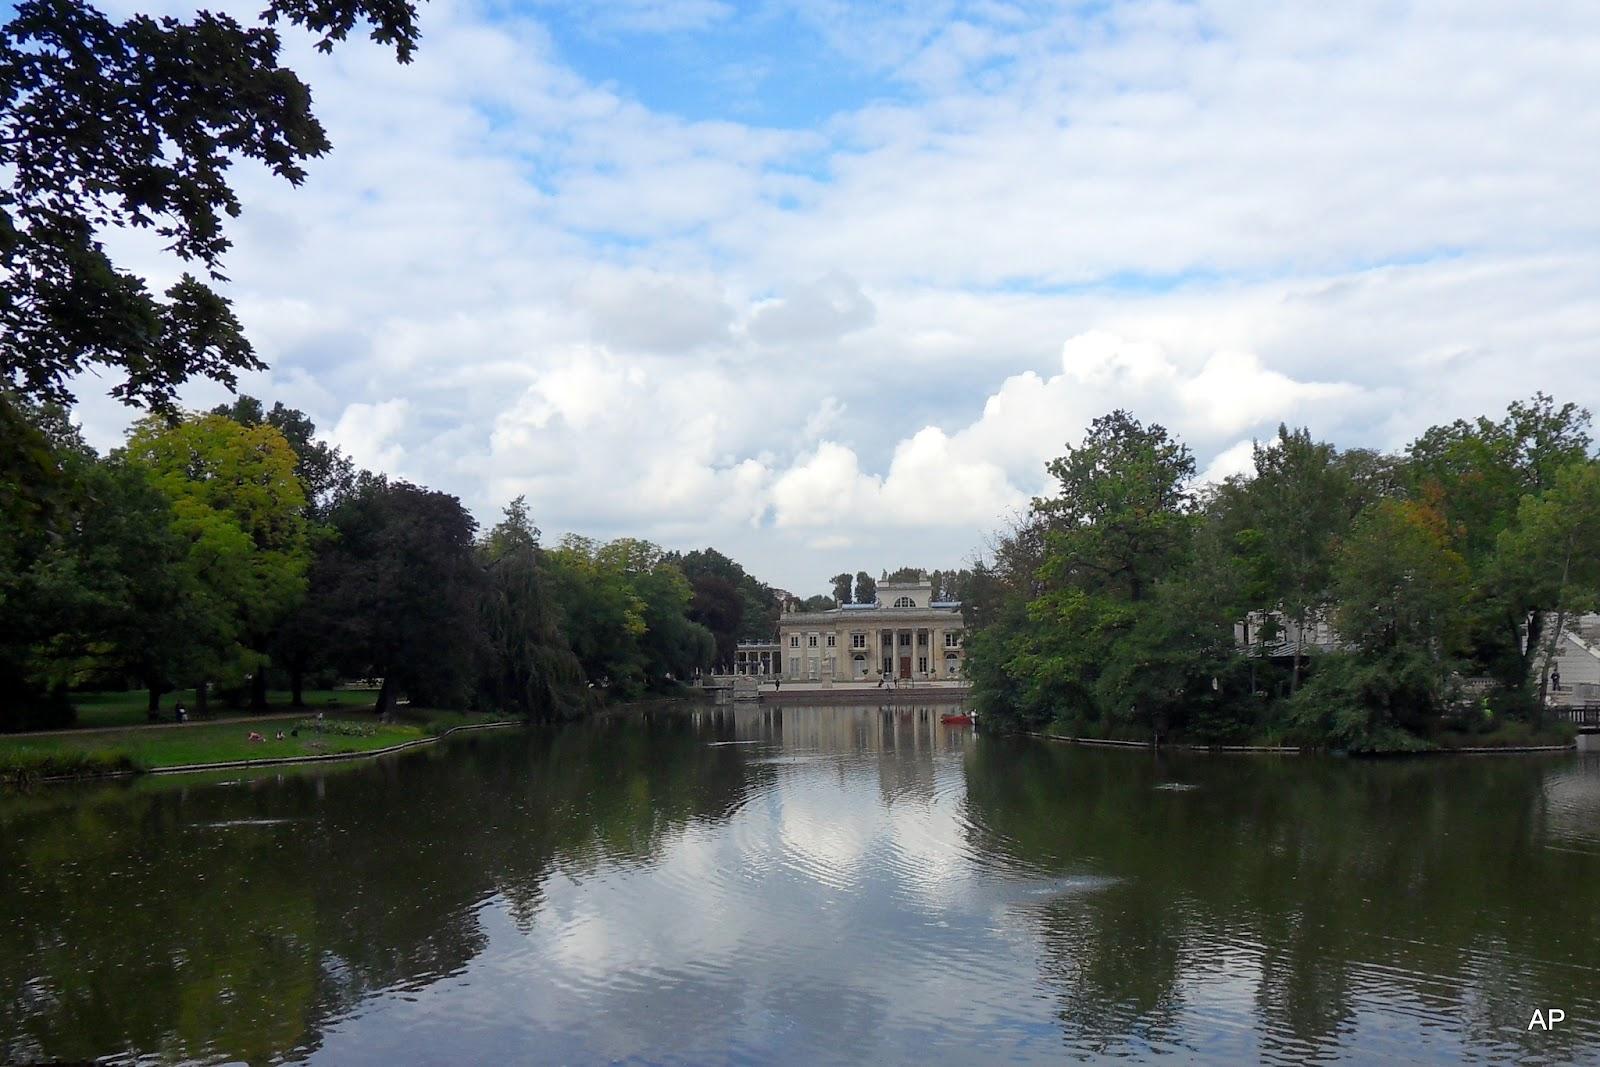 Palais auf dem Wasser